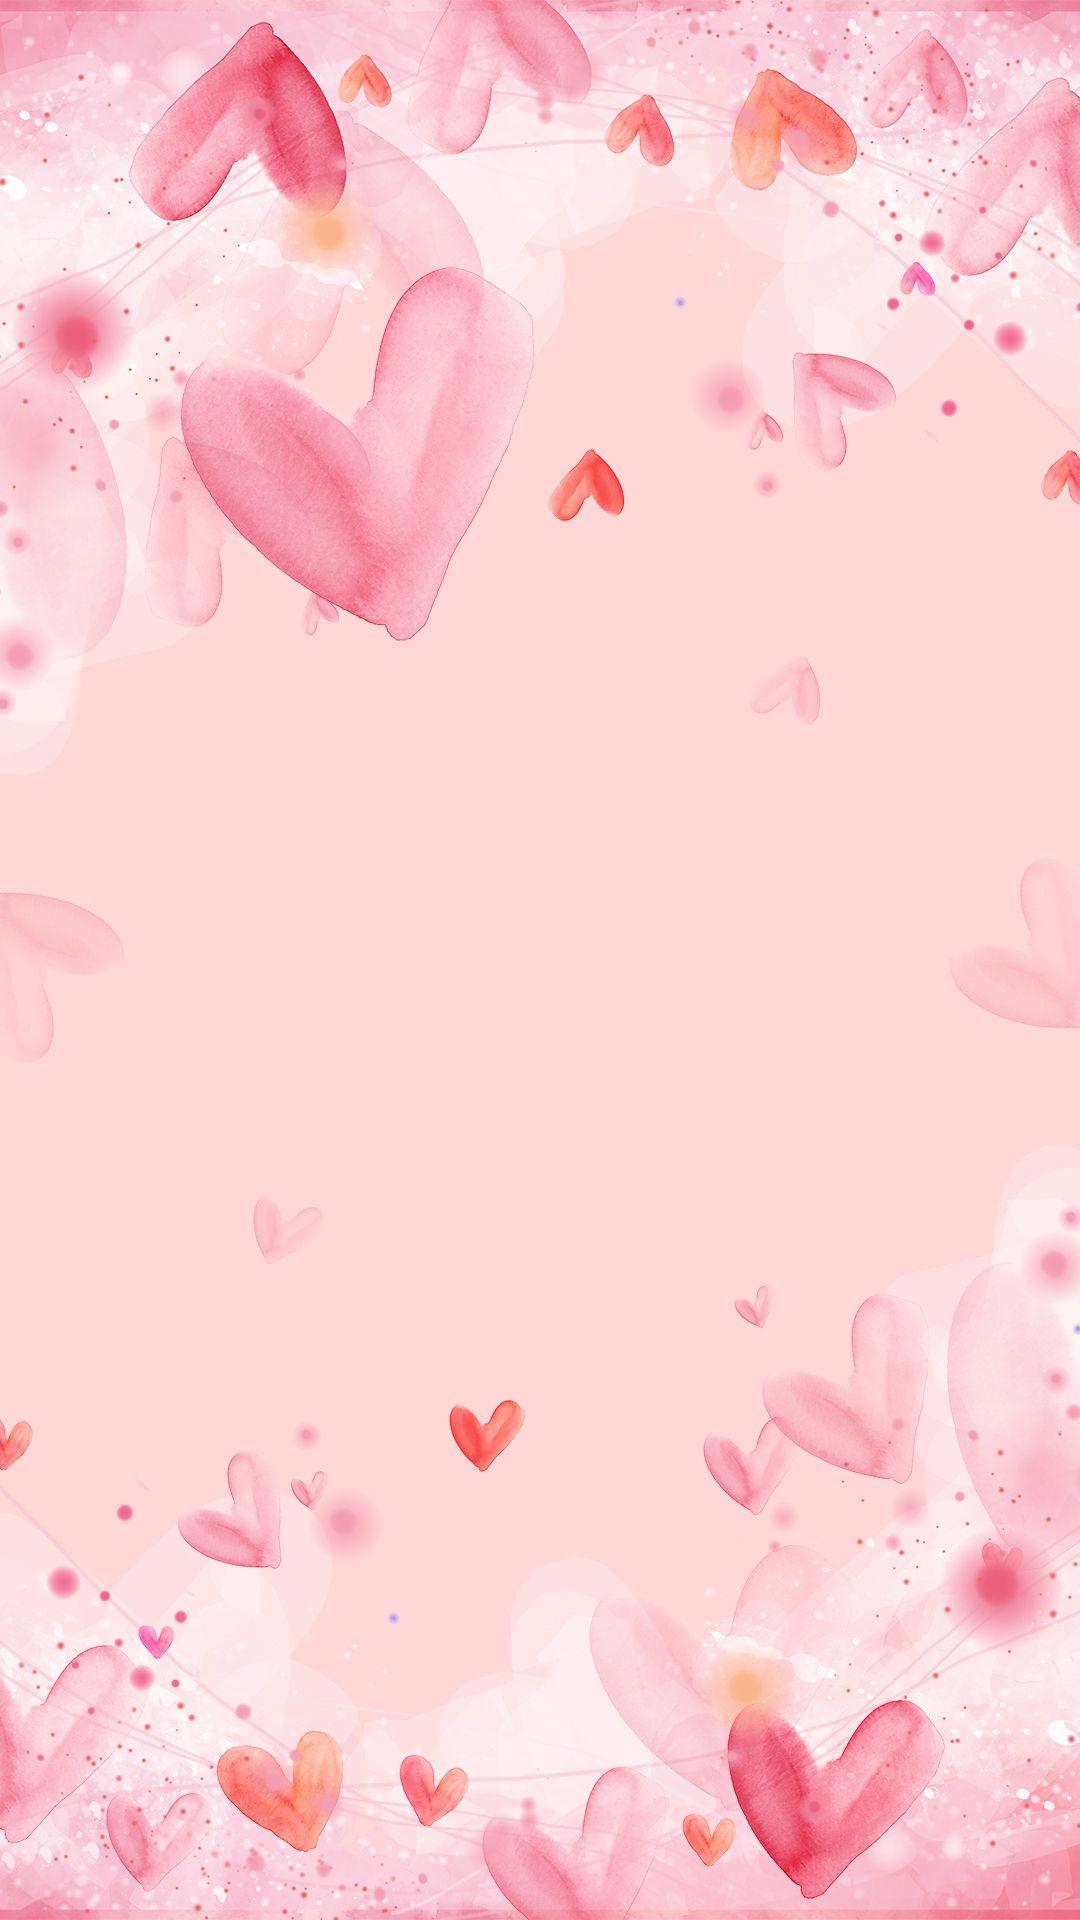 Pink Frame Decoration Design Background Heart Plan Art